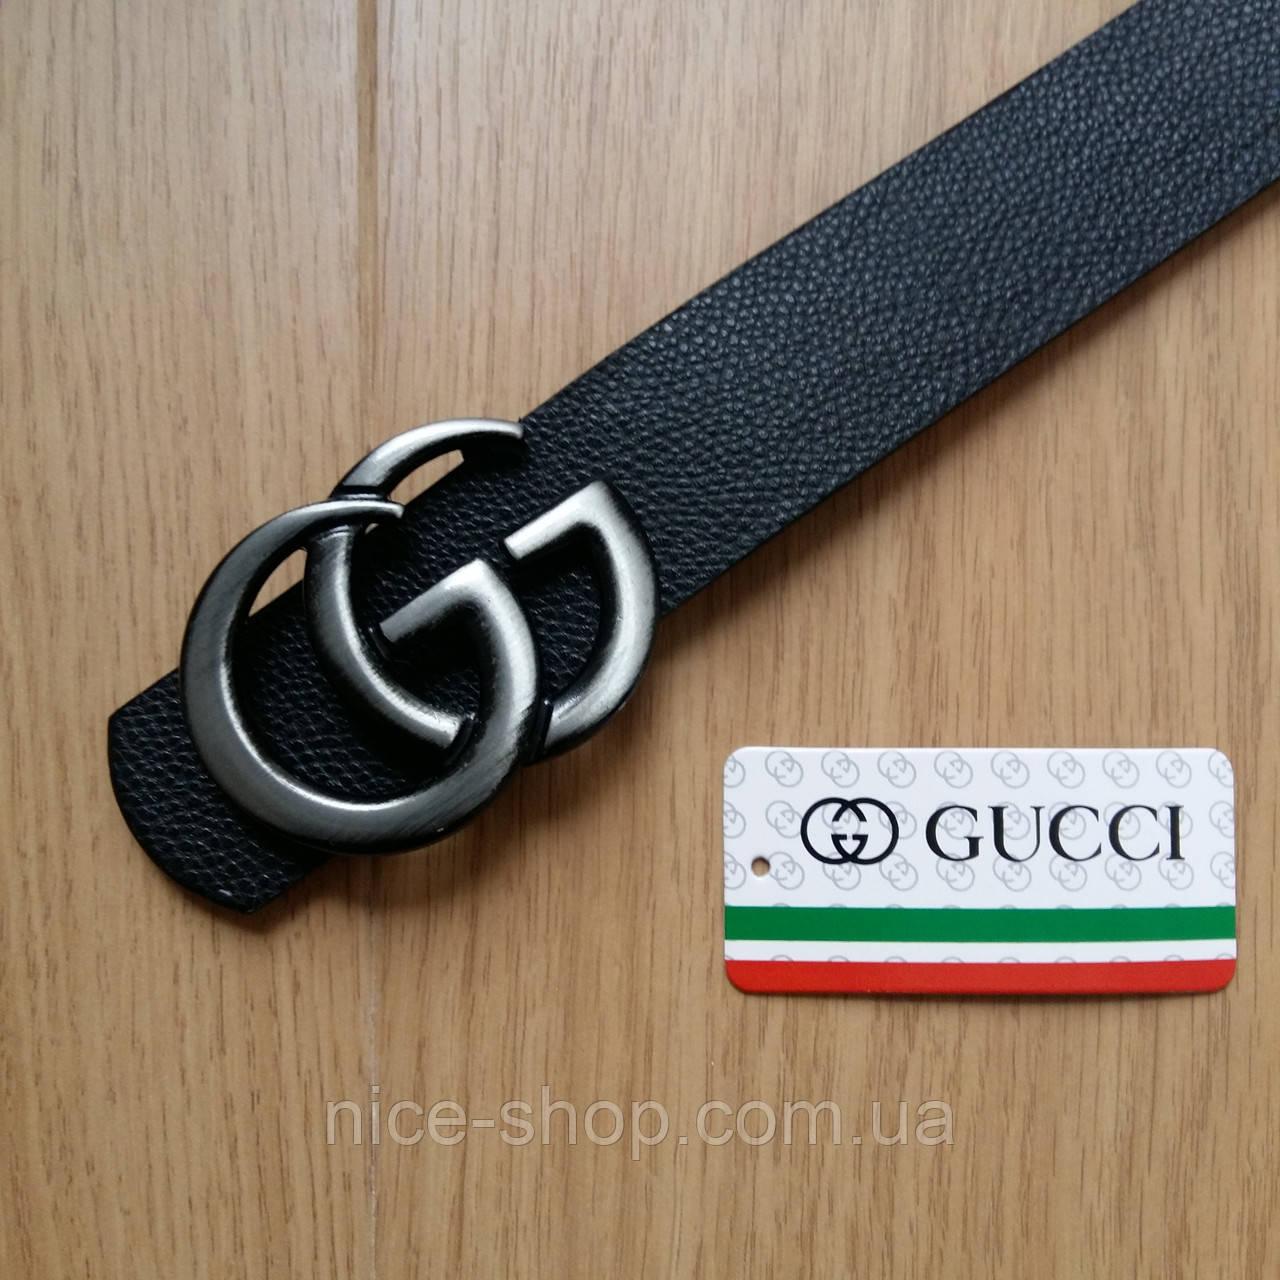 Ремень Gucci черный с серебряной матовой пряжкой, средний, 3,2 см